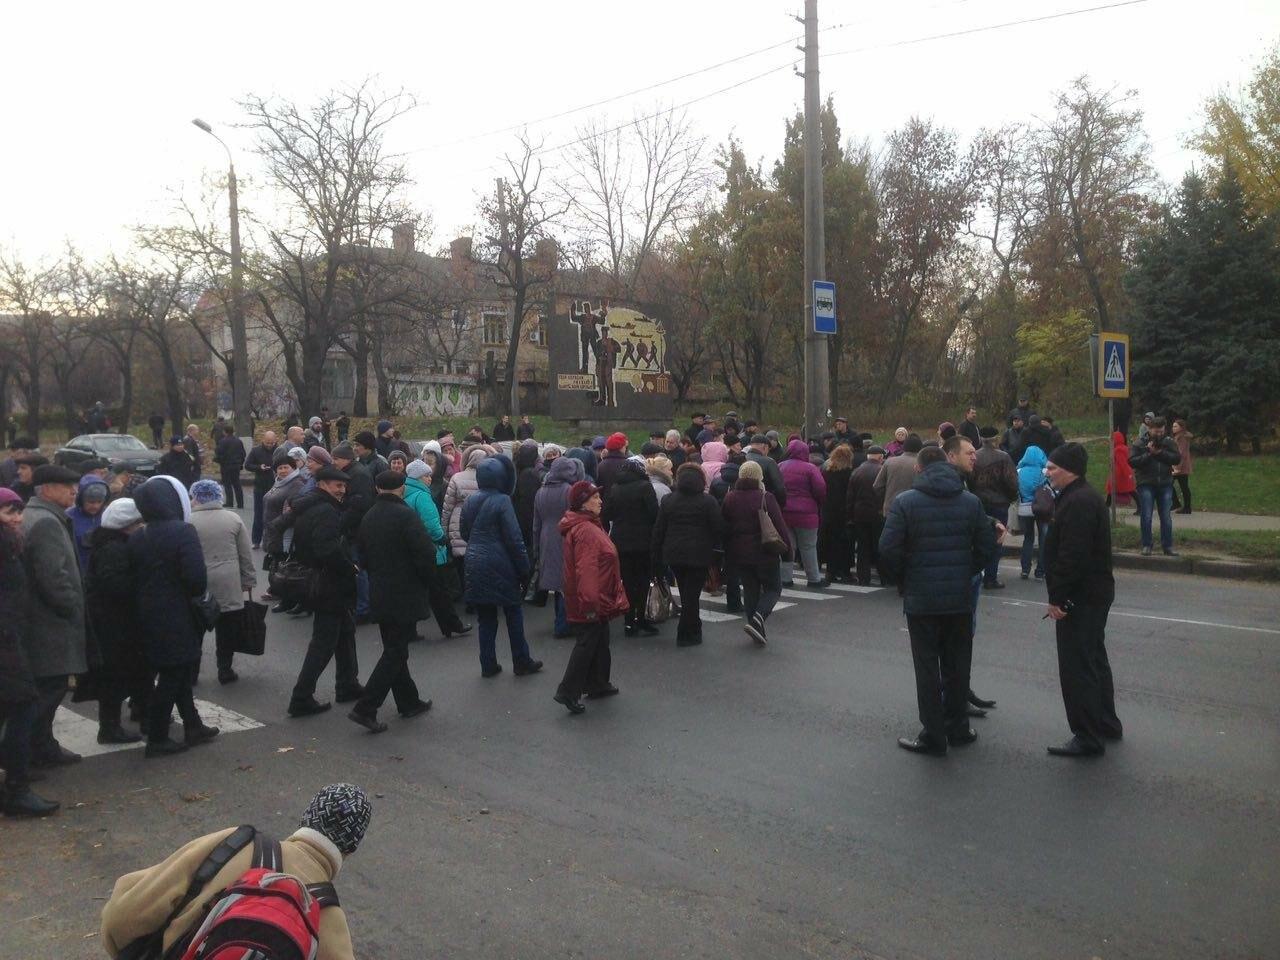 Из-за митинга на Варваровском мосту в Николаеве образовалась большая пробка (ФОТО, ВИДЕО), фото-2